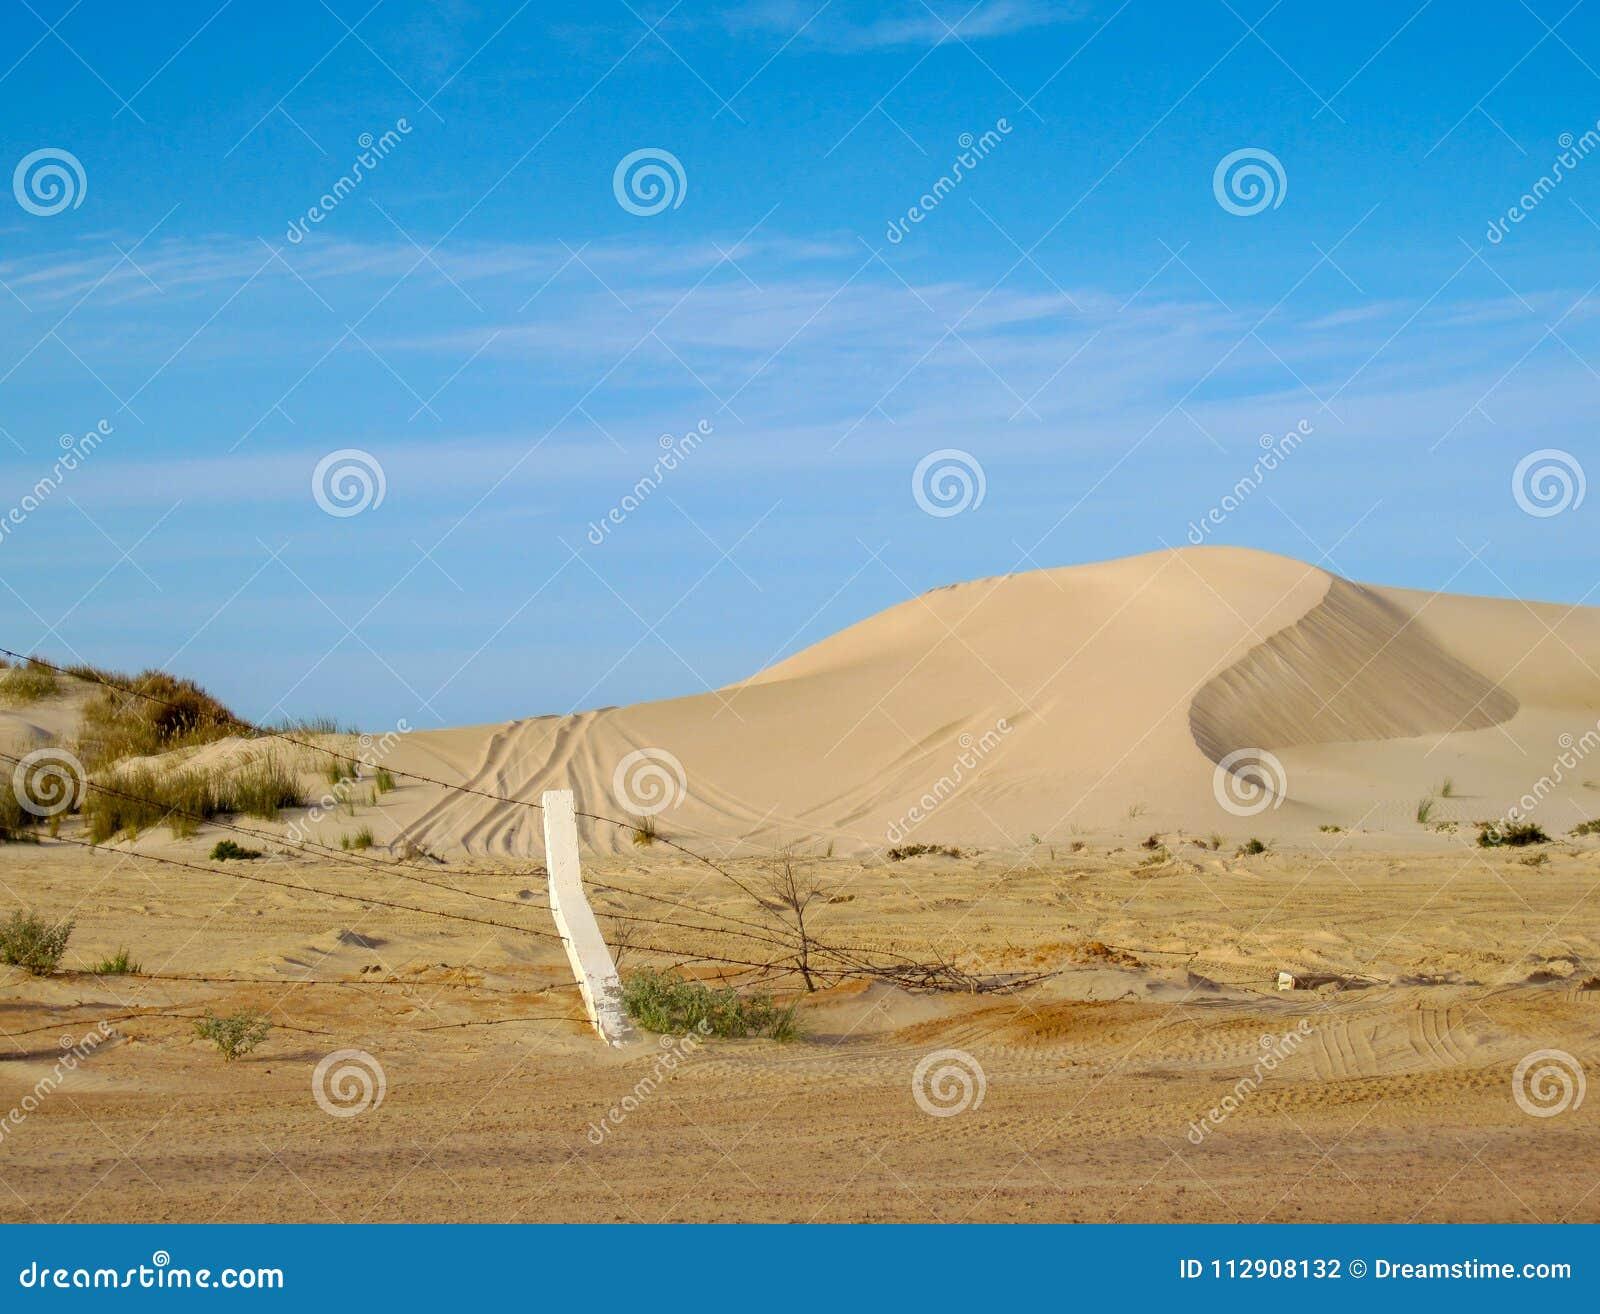 Dune di sabbia costiere con le piste della gomma e recinto del filo spinato contro cielo blu in Libia